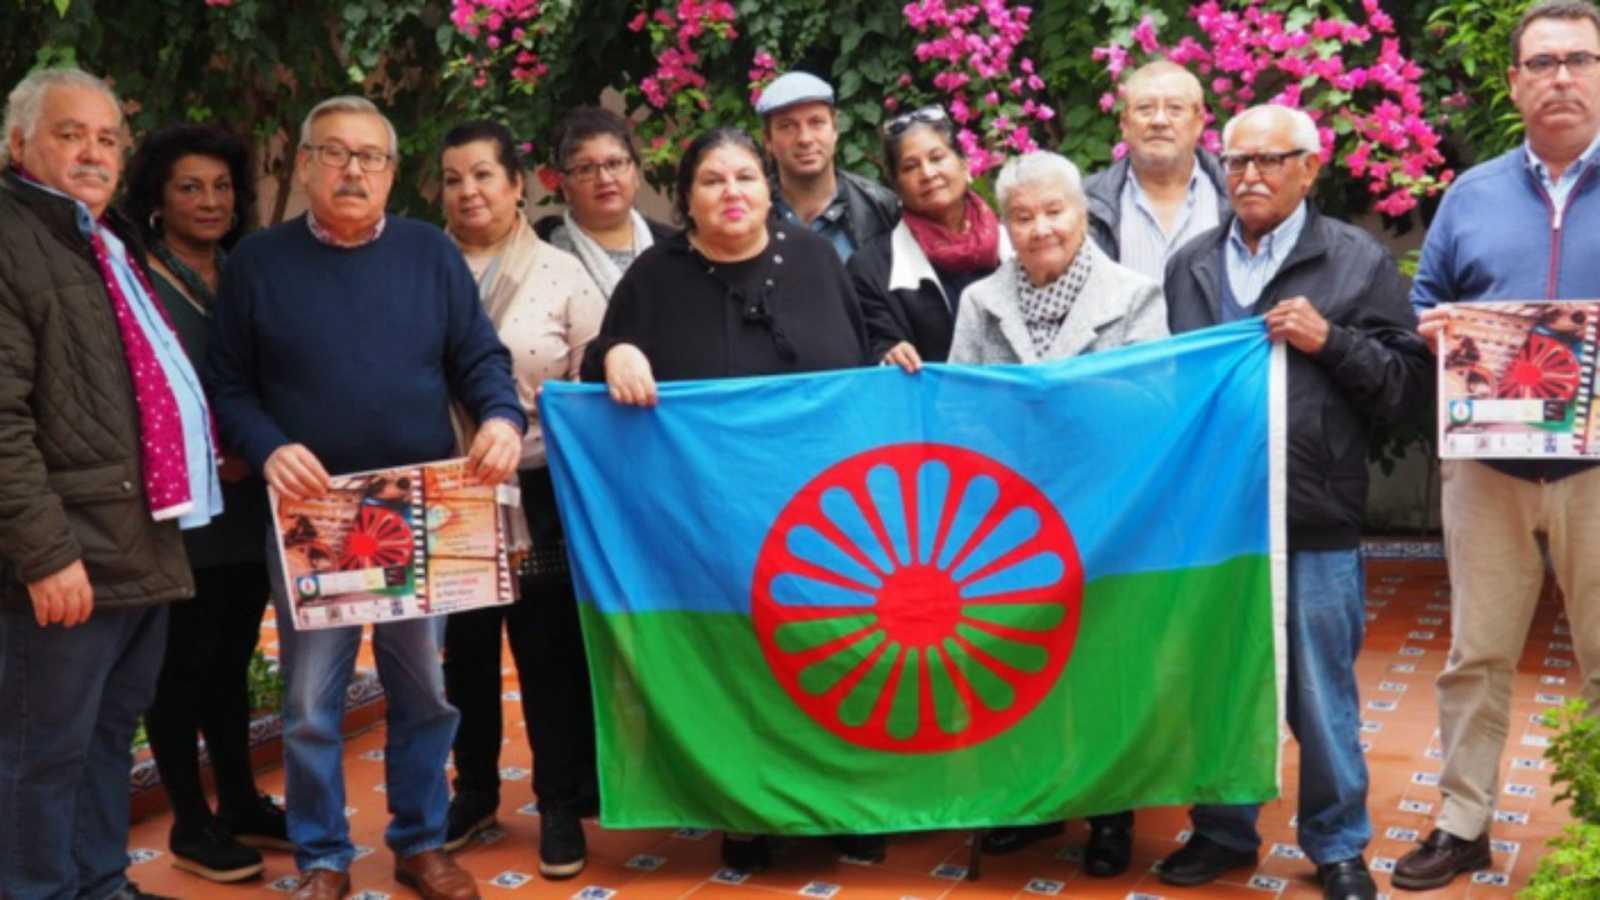 Las mañanas de RNE con Íñigo Alfonso - La Comunidad gitana no se ha beneficiado de los avances laborales de este país - Escuchar ahora